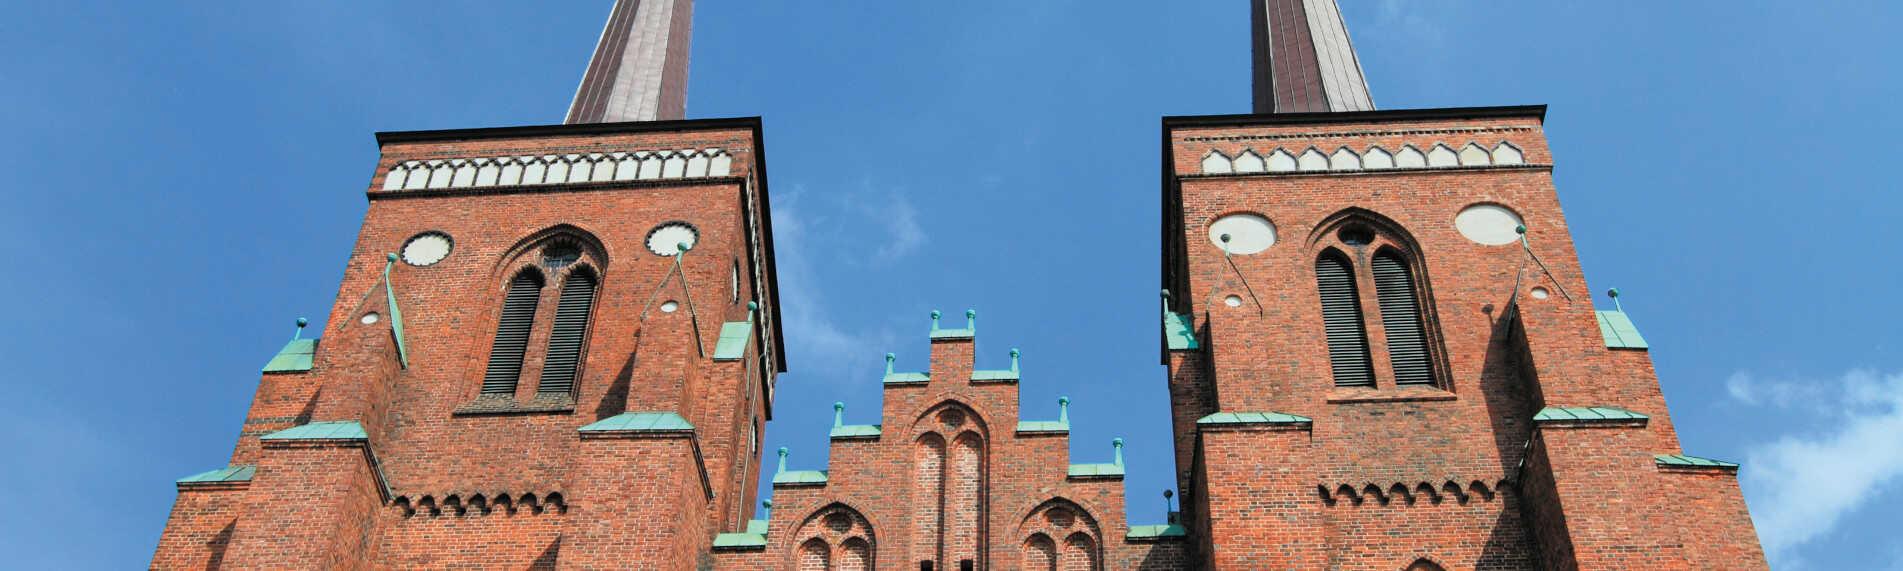 Skimmel og mug i kirker mindskes med korrekt luftfugtighed